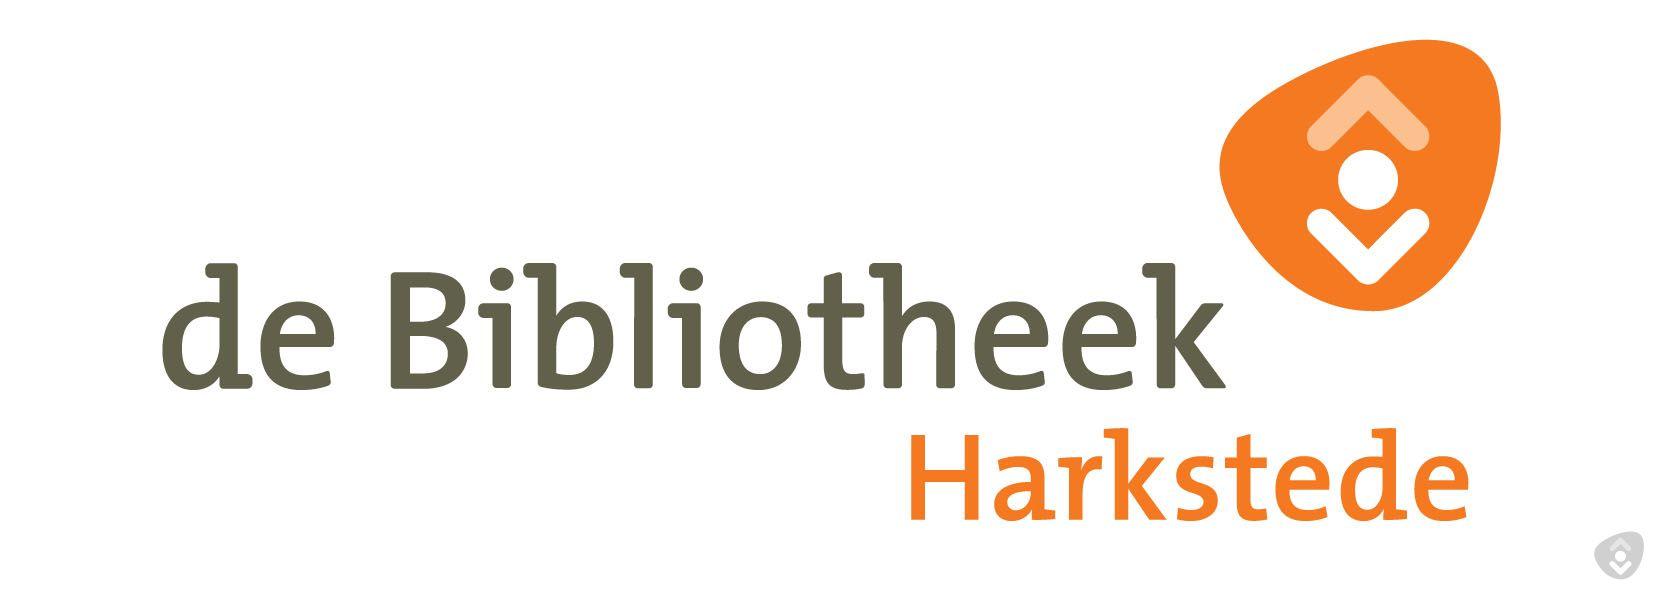 Biblio_lang_RGB_Harkstede.jpg (50143 bytes)